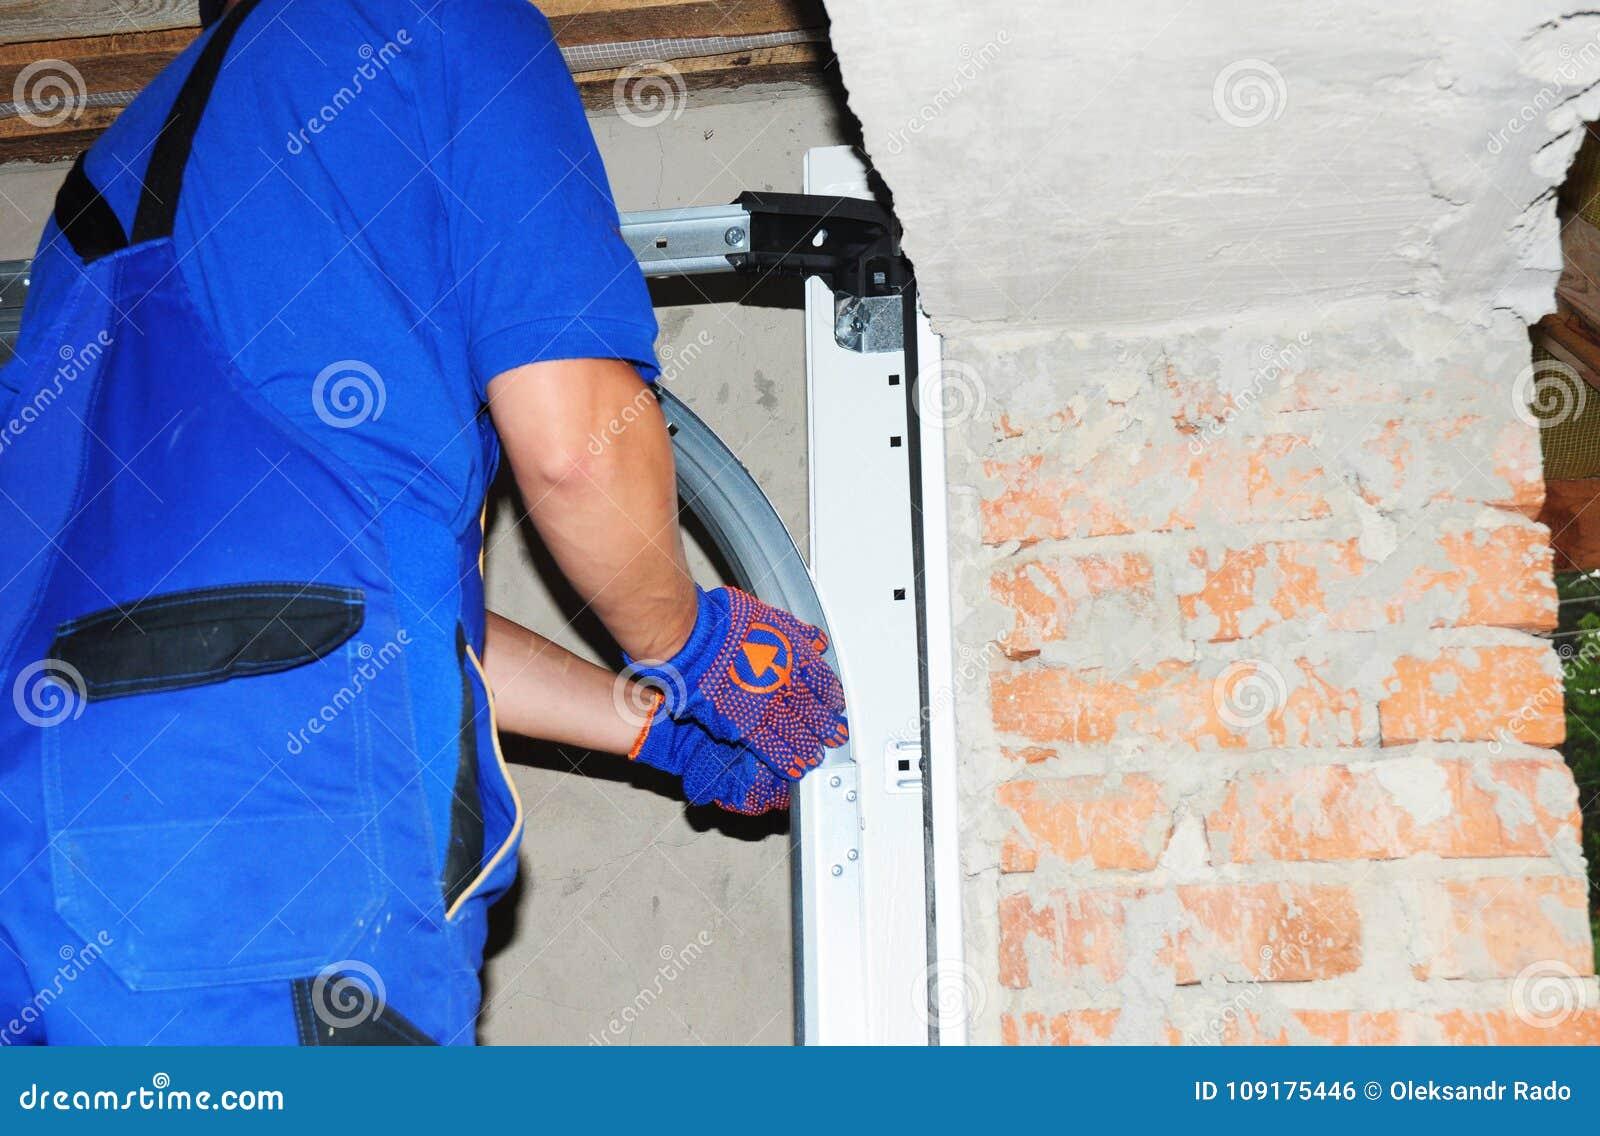 Contractor Installing Garage Door With Measuring Tape Install